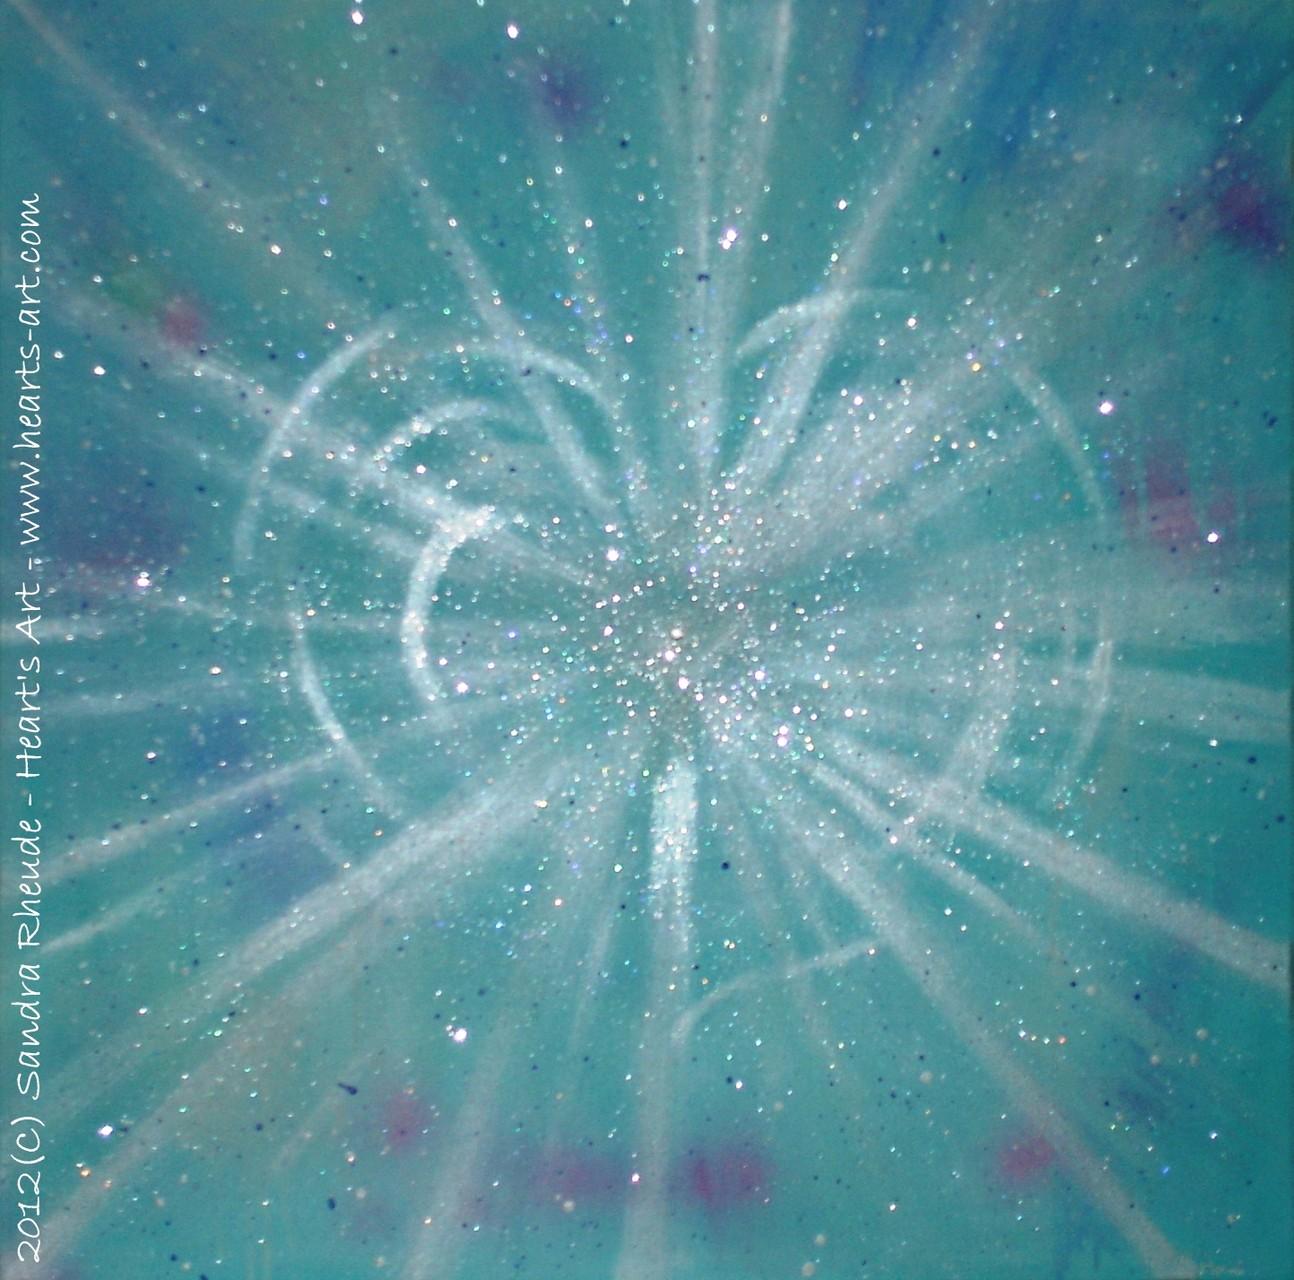 'Heart of Light' - 2012/30 - Acryl auf Leinwand - 60 x 60 cm - € 220